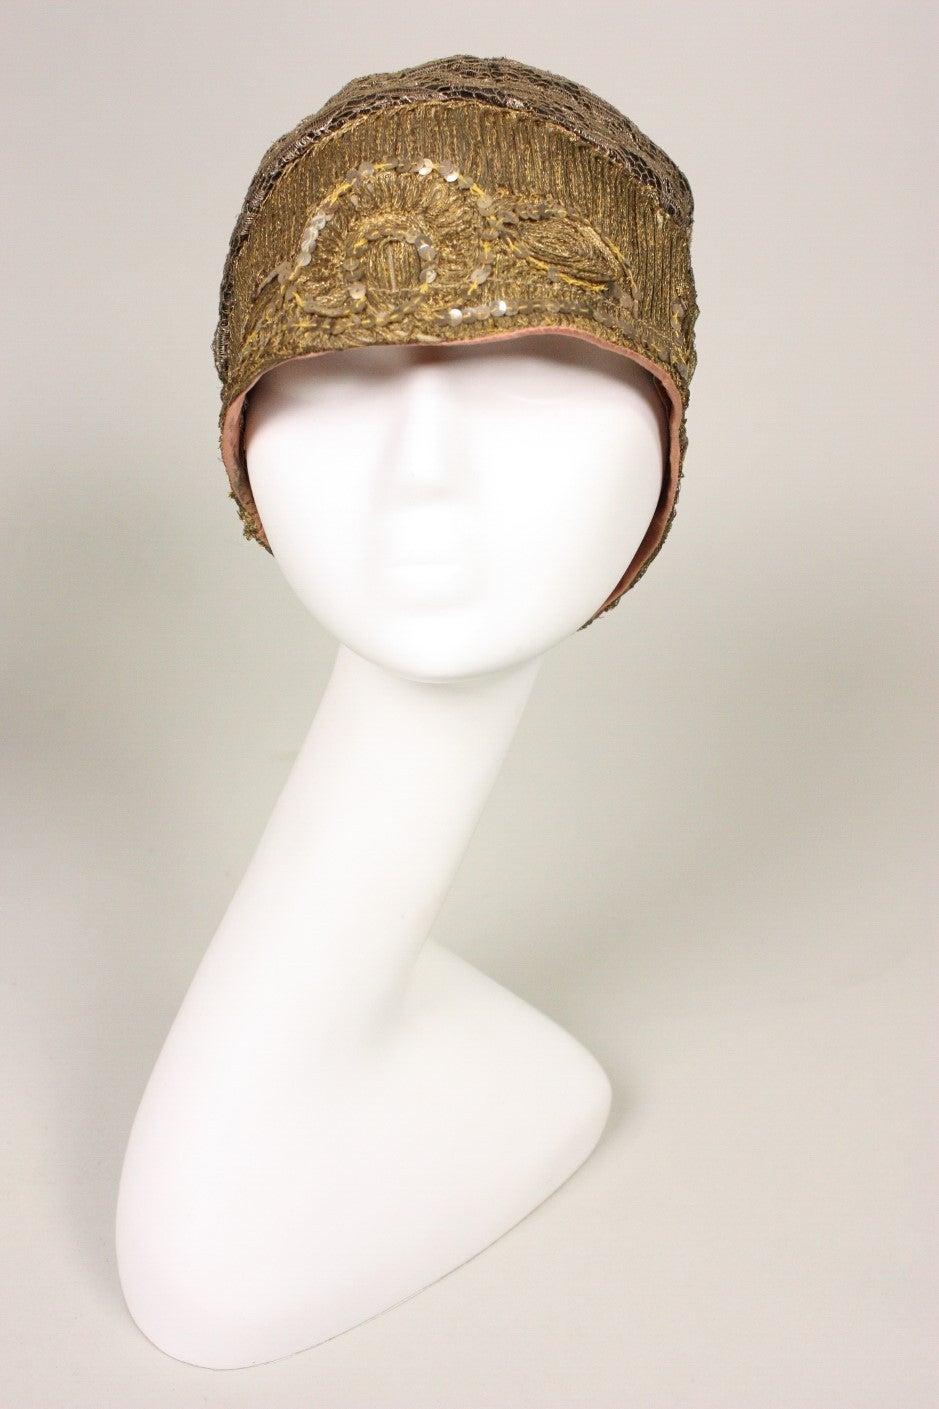 1920's Metallic Lace & Gold Bullion Cloche For Sale 1